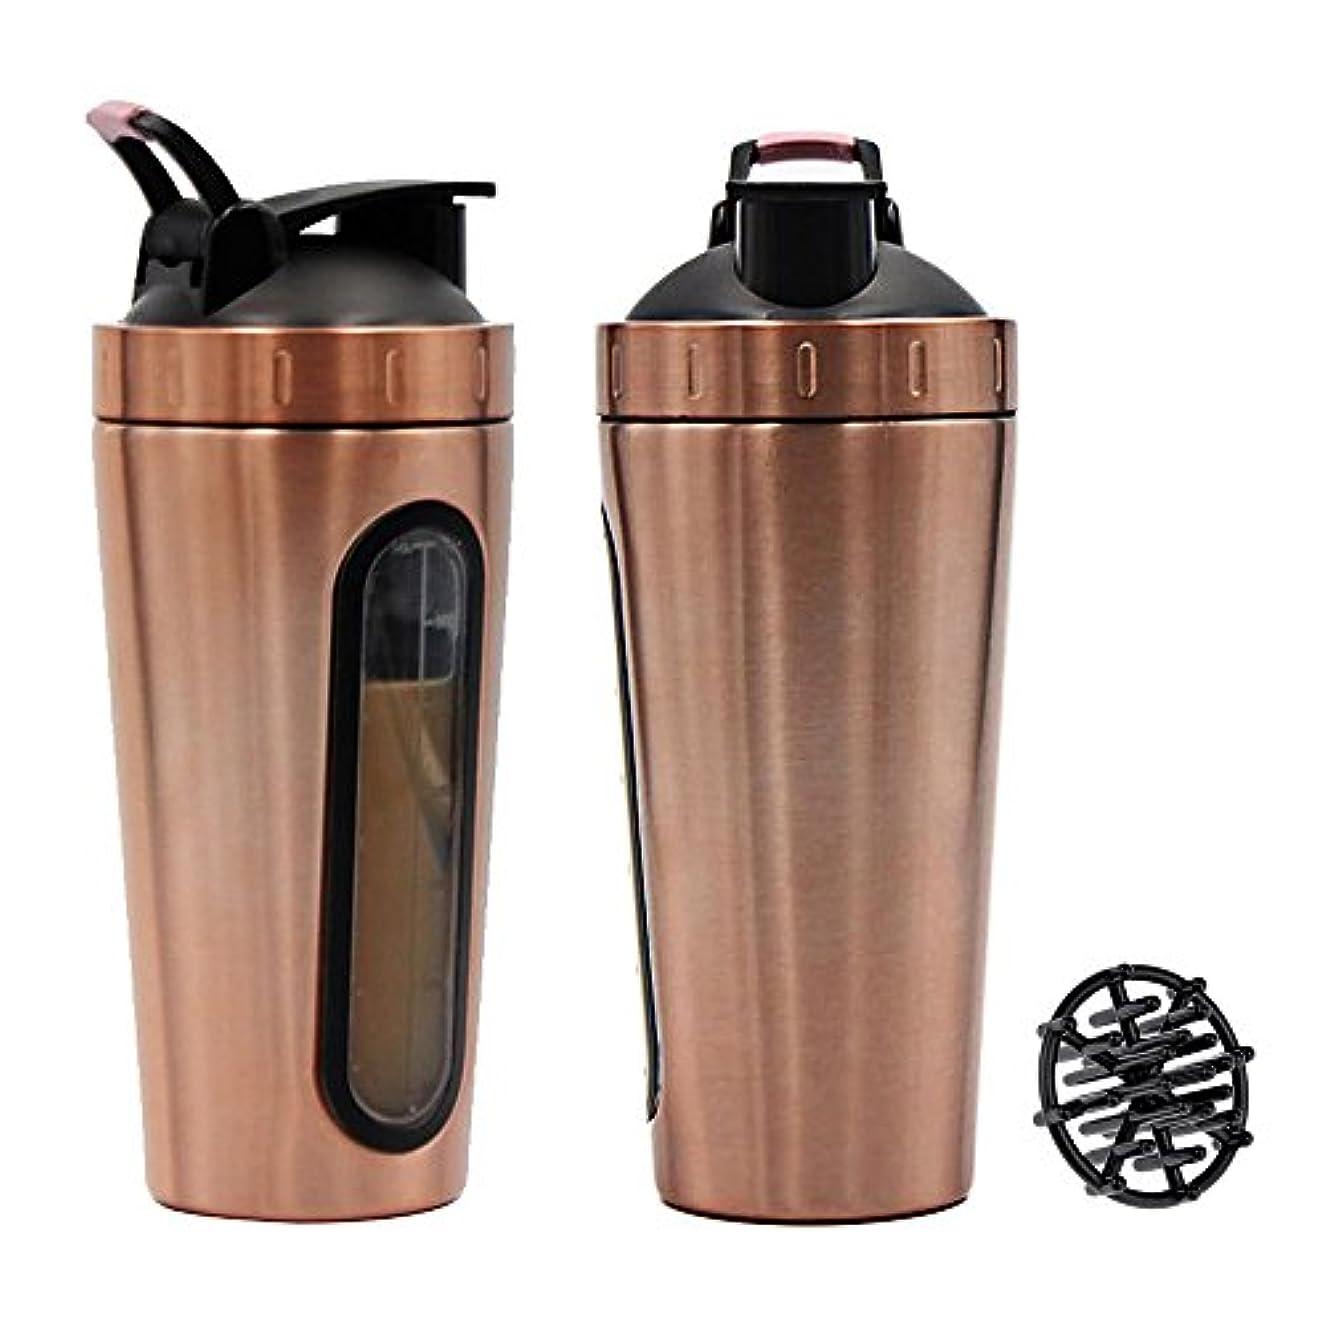 アグネスグレイその鳴らすステンレススチール スポーツウォーターボトル プロテインミルクセーキーシェーカーカップ 可視ウィンドウ ゴールド